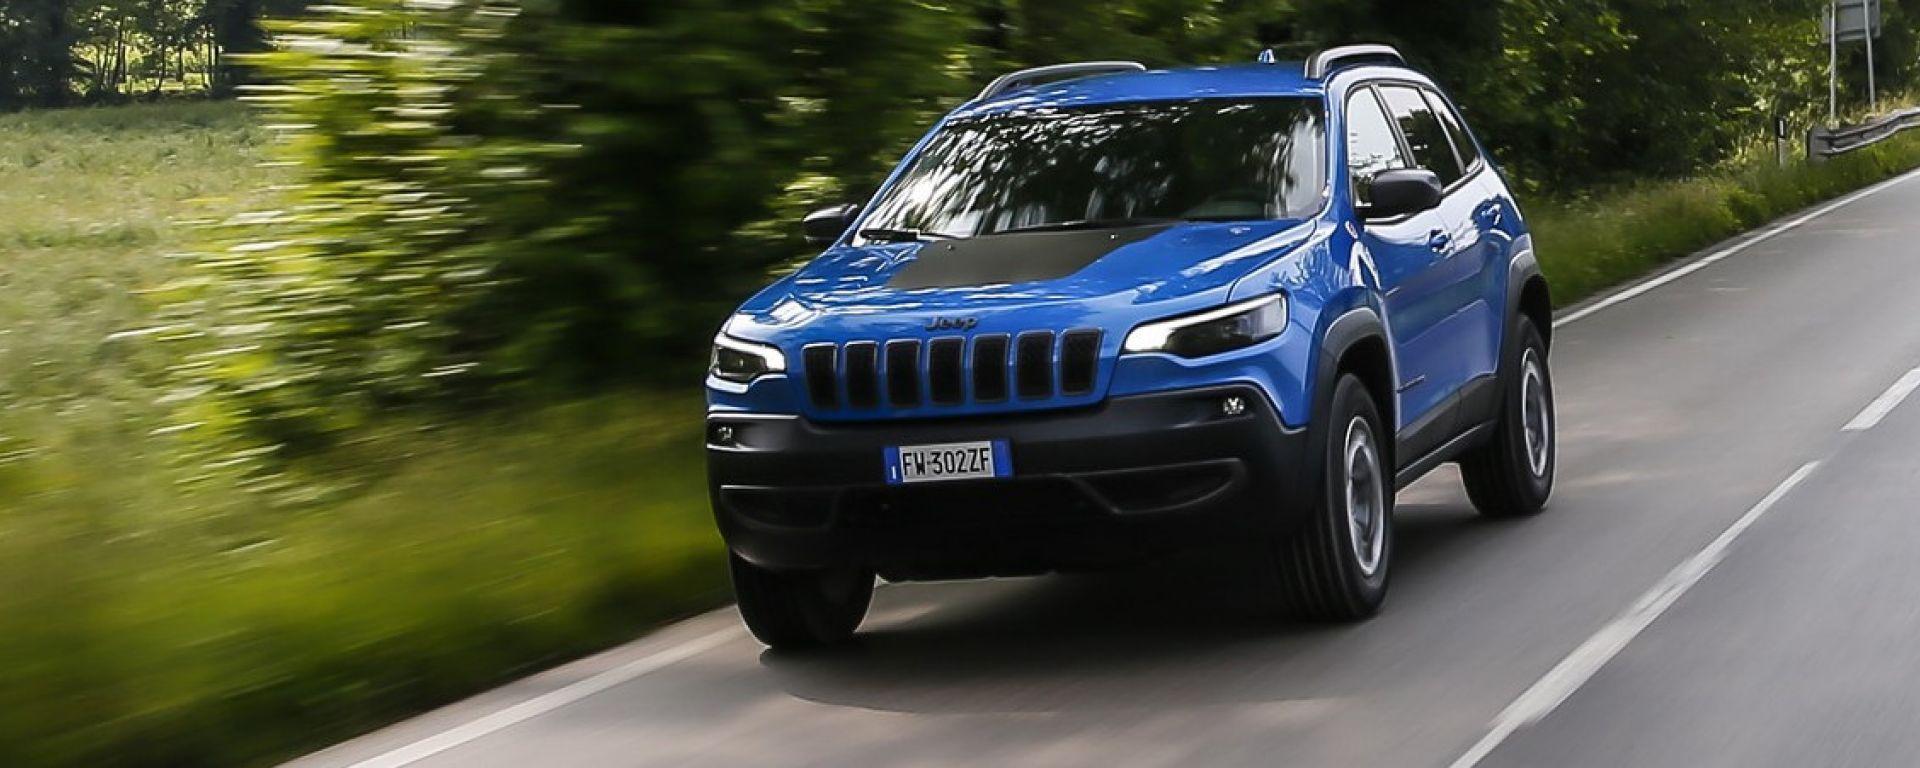 Jeep Cherokee Trailhawk 2019: la prova su strada e off-road